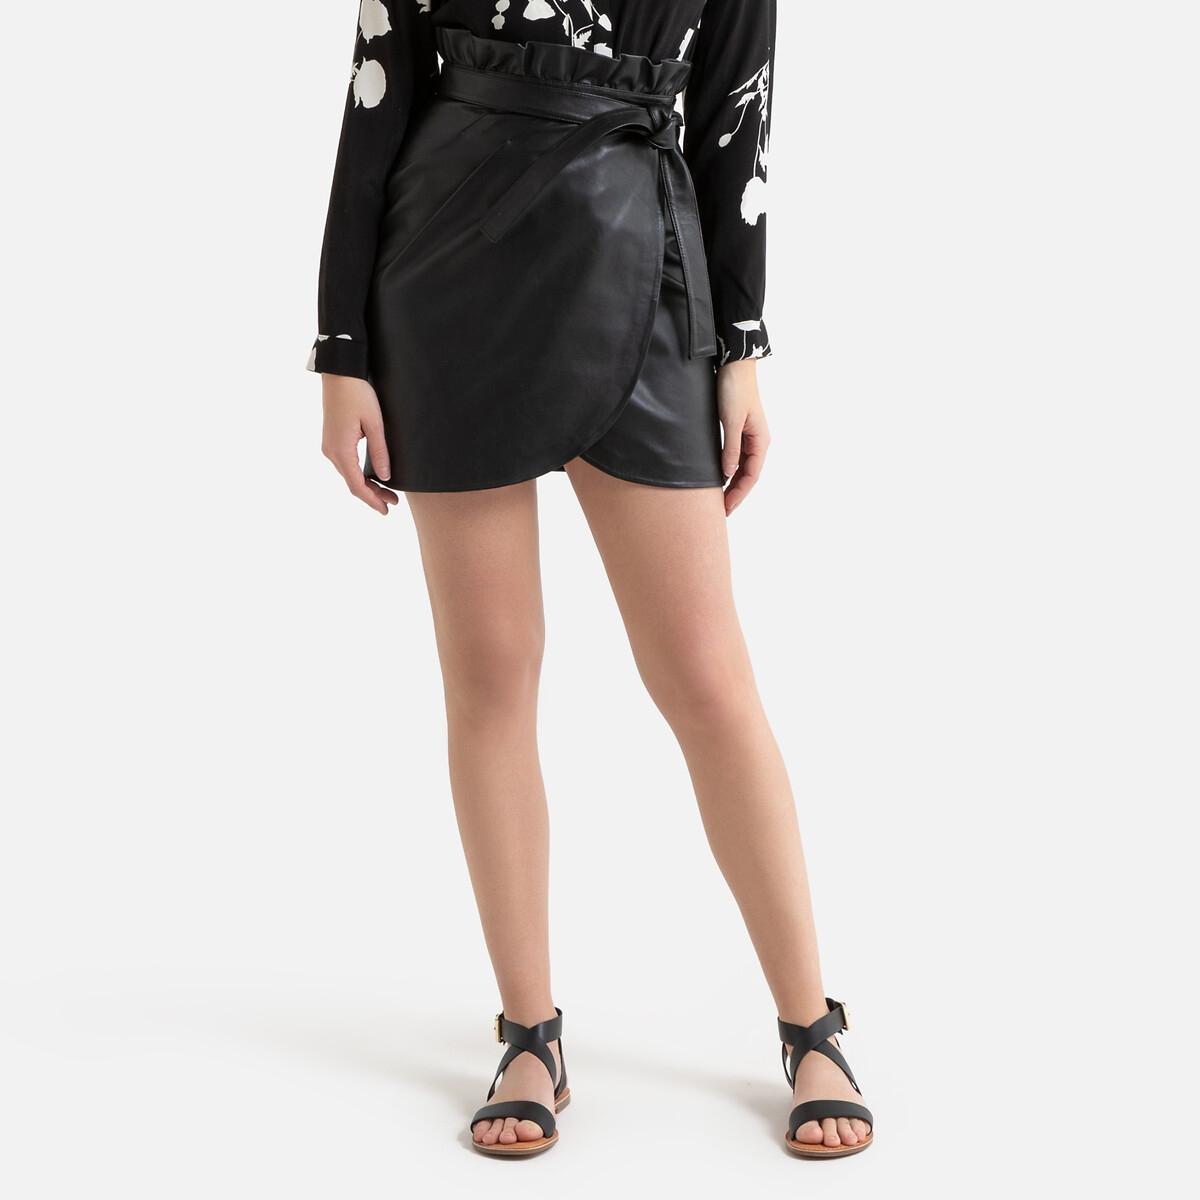 Юбка La Redoute Короткая из кожи ягненка LUNA 2(M) черный юбка жаккардовая короткая